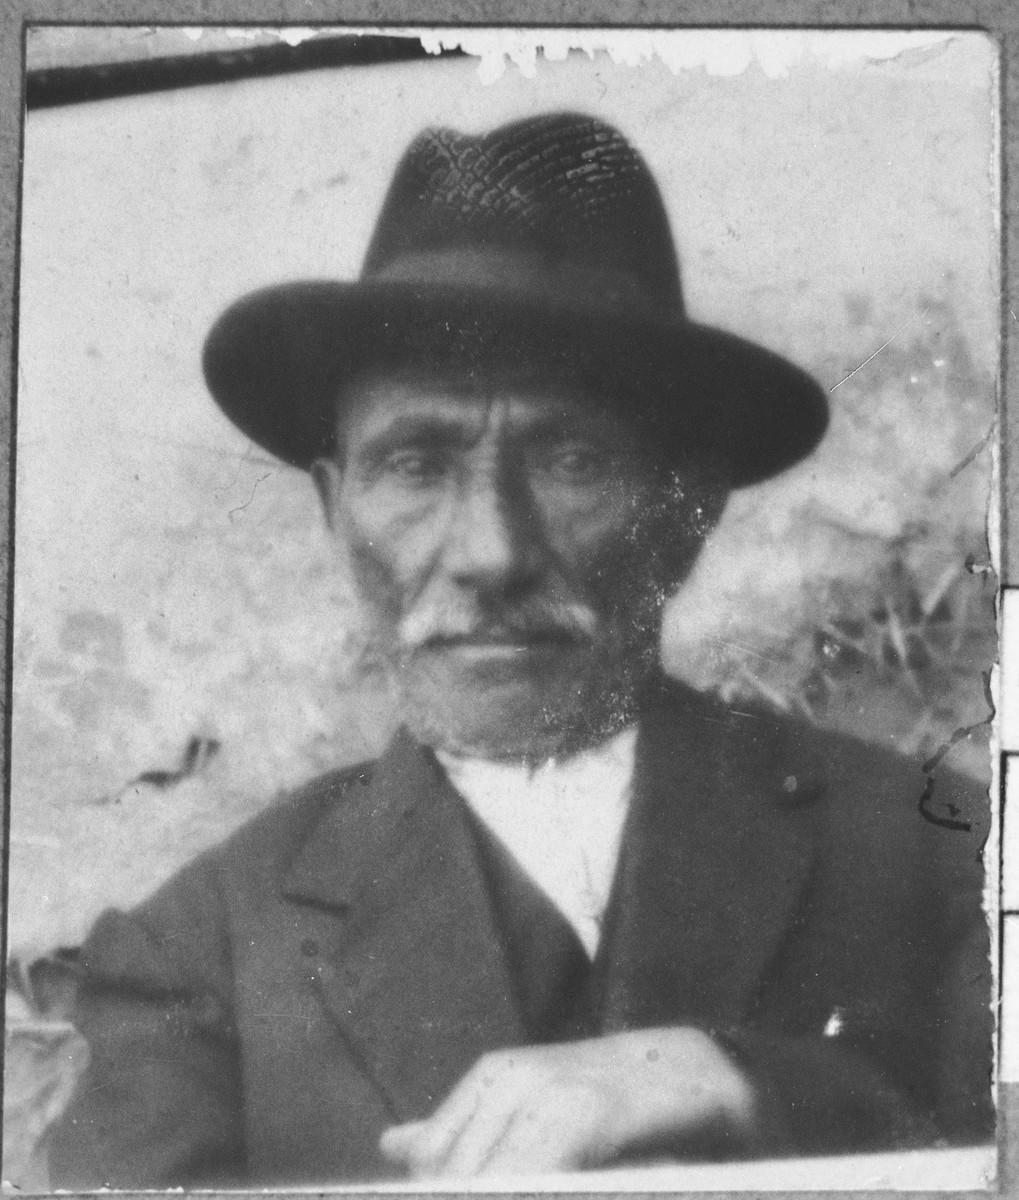 Portrait of Yosef Kassorla.  He was a miller.  He lived at Zvornitska 29 in Bitola.